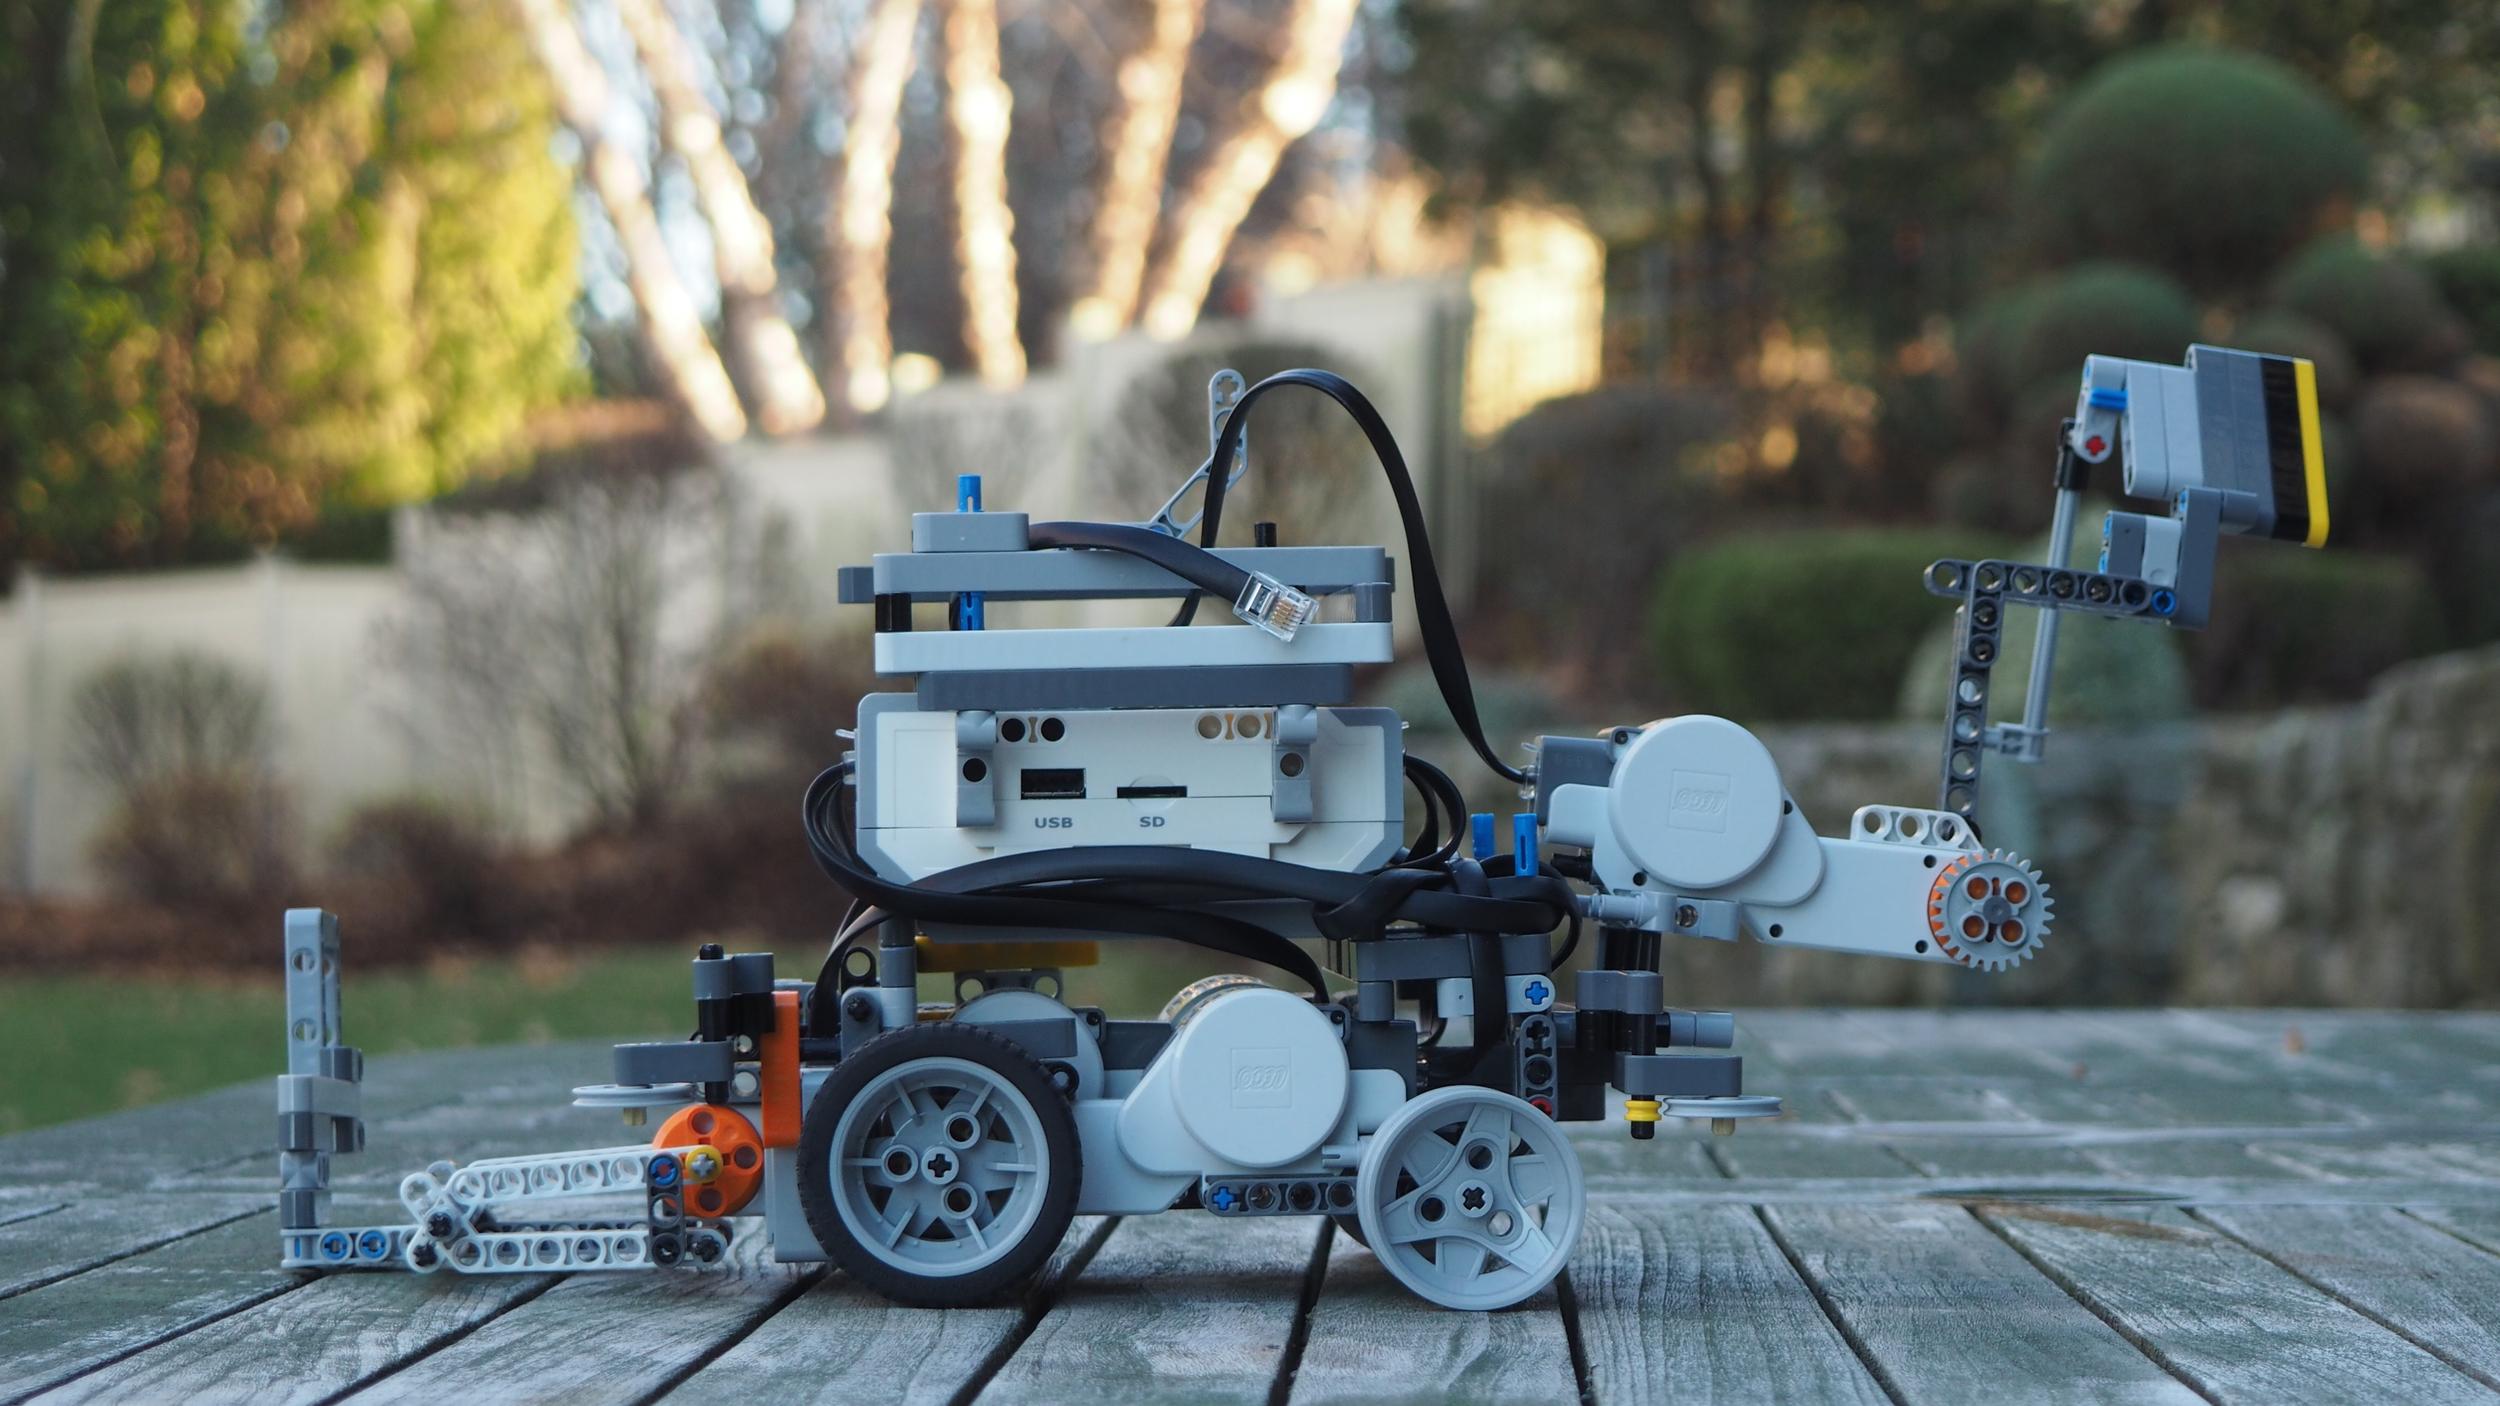 FLL Robot